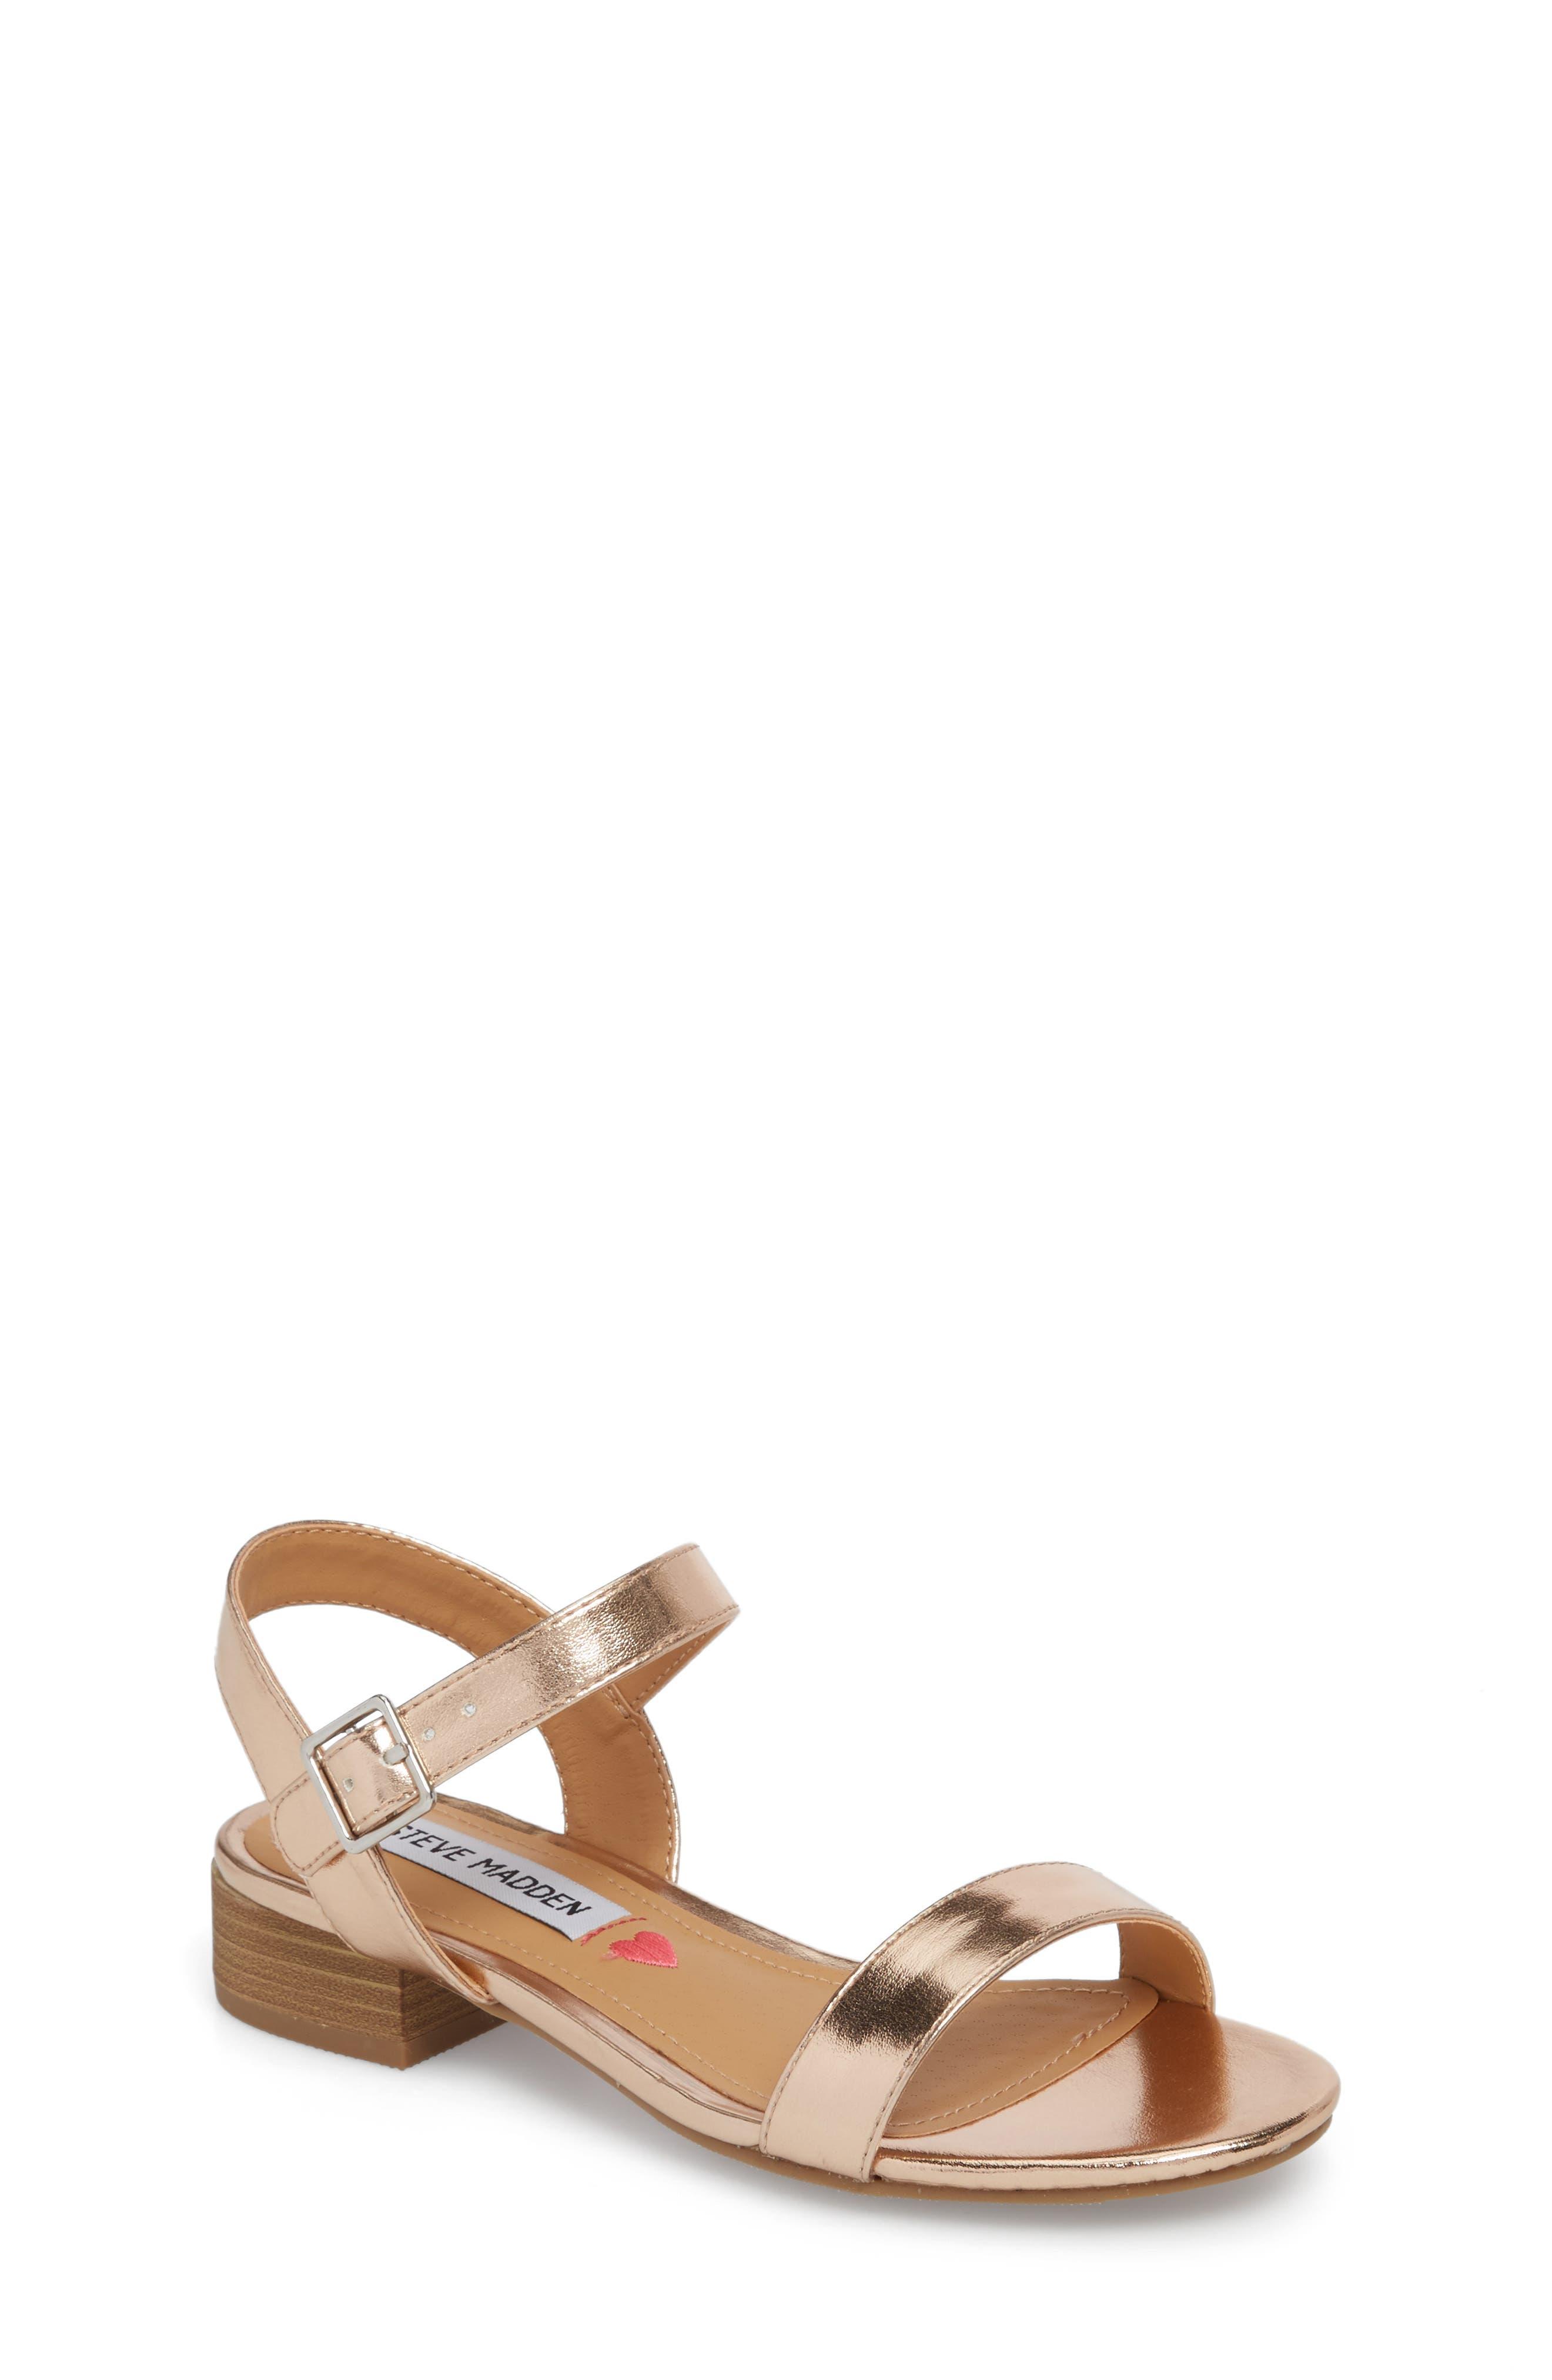 JCACHE Sandal,                         Main,                         color,